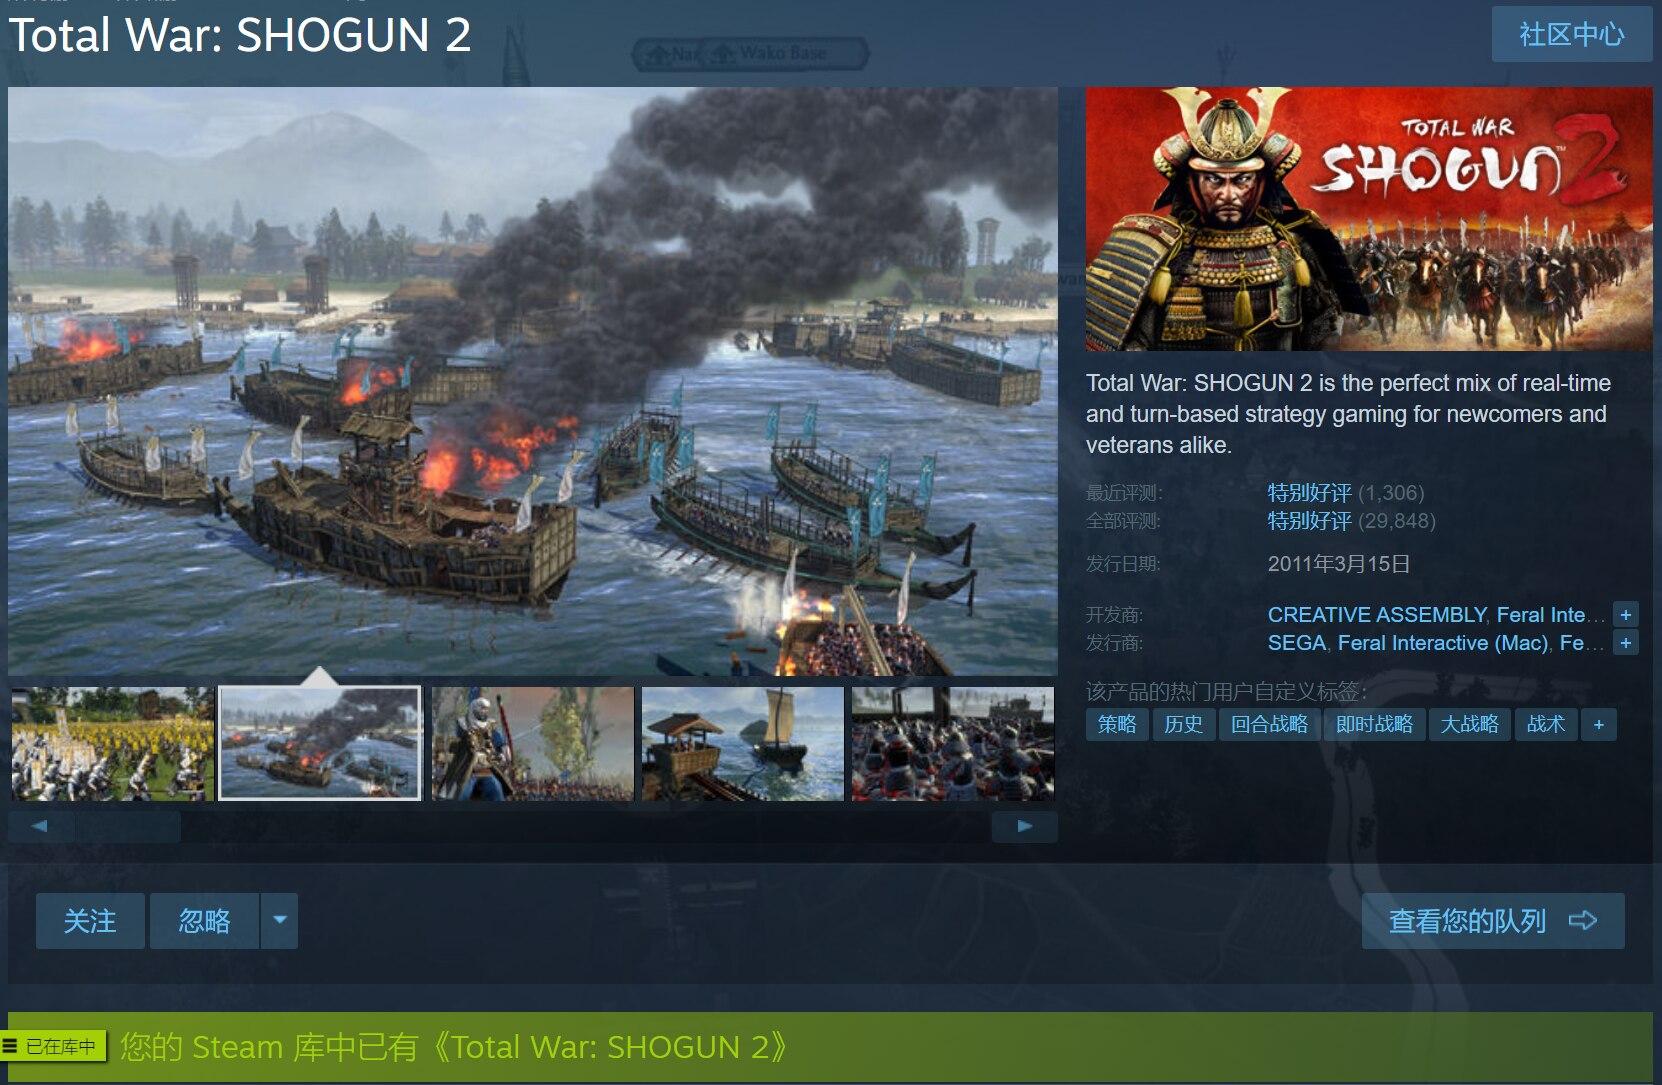 限时免费 特别好评游戏《全面战争:幕府将军2》